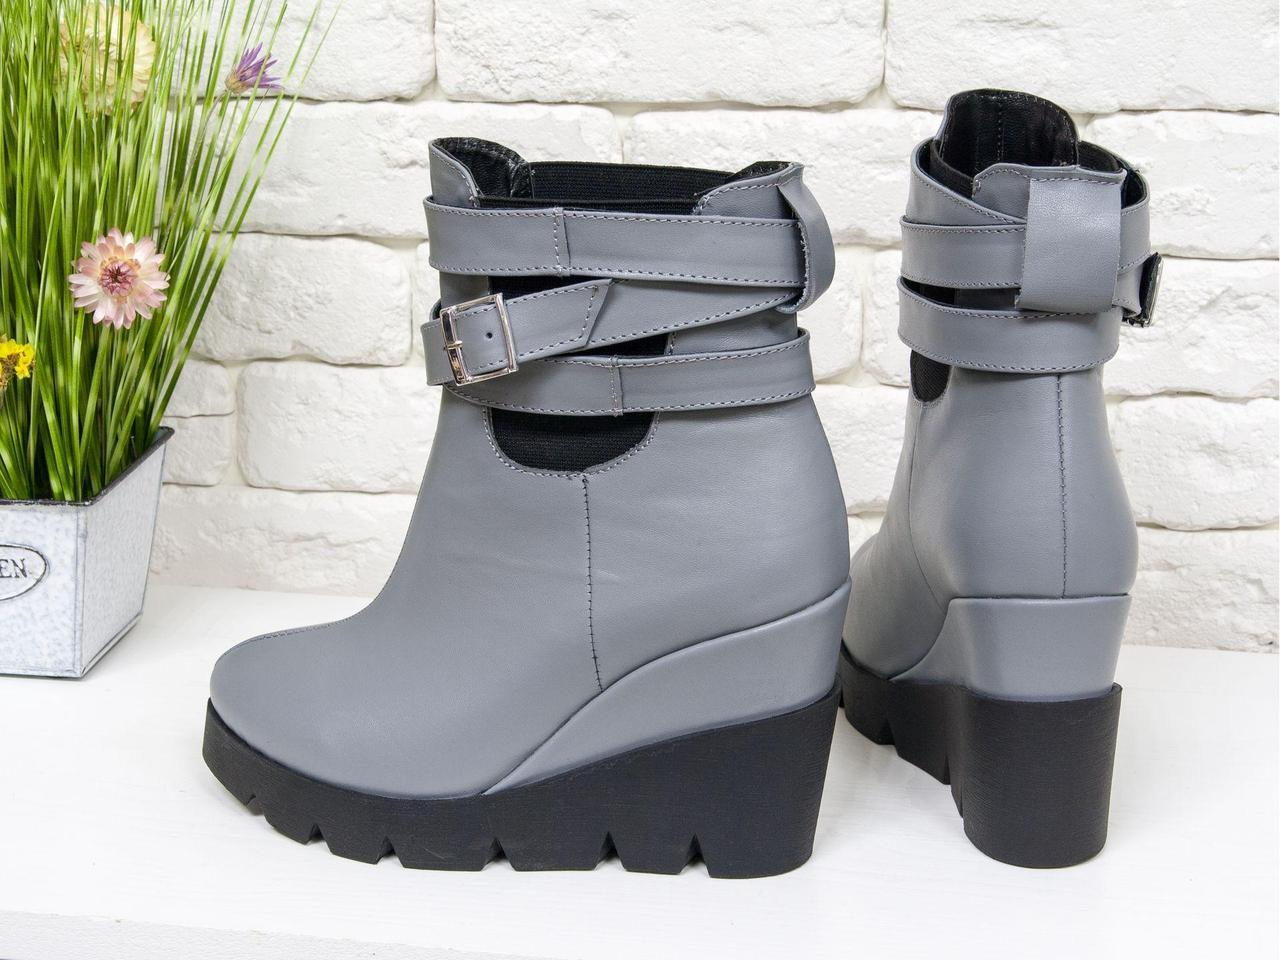 Ботинки с ремешками на танкетке из натуральной гладкой кожи серого цвета, на практичной черной подошве, Б-405